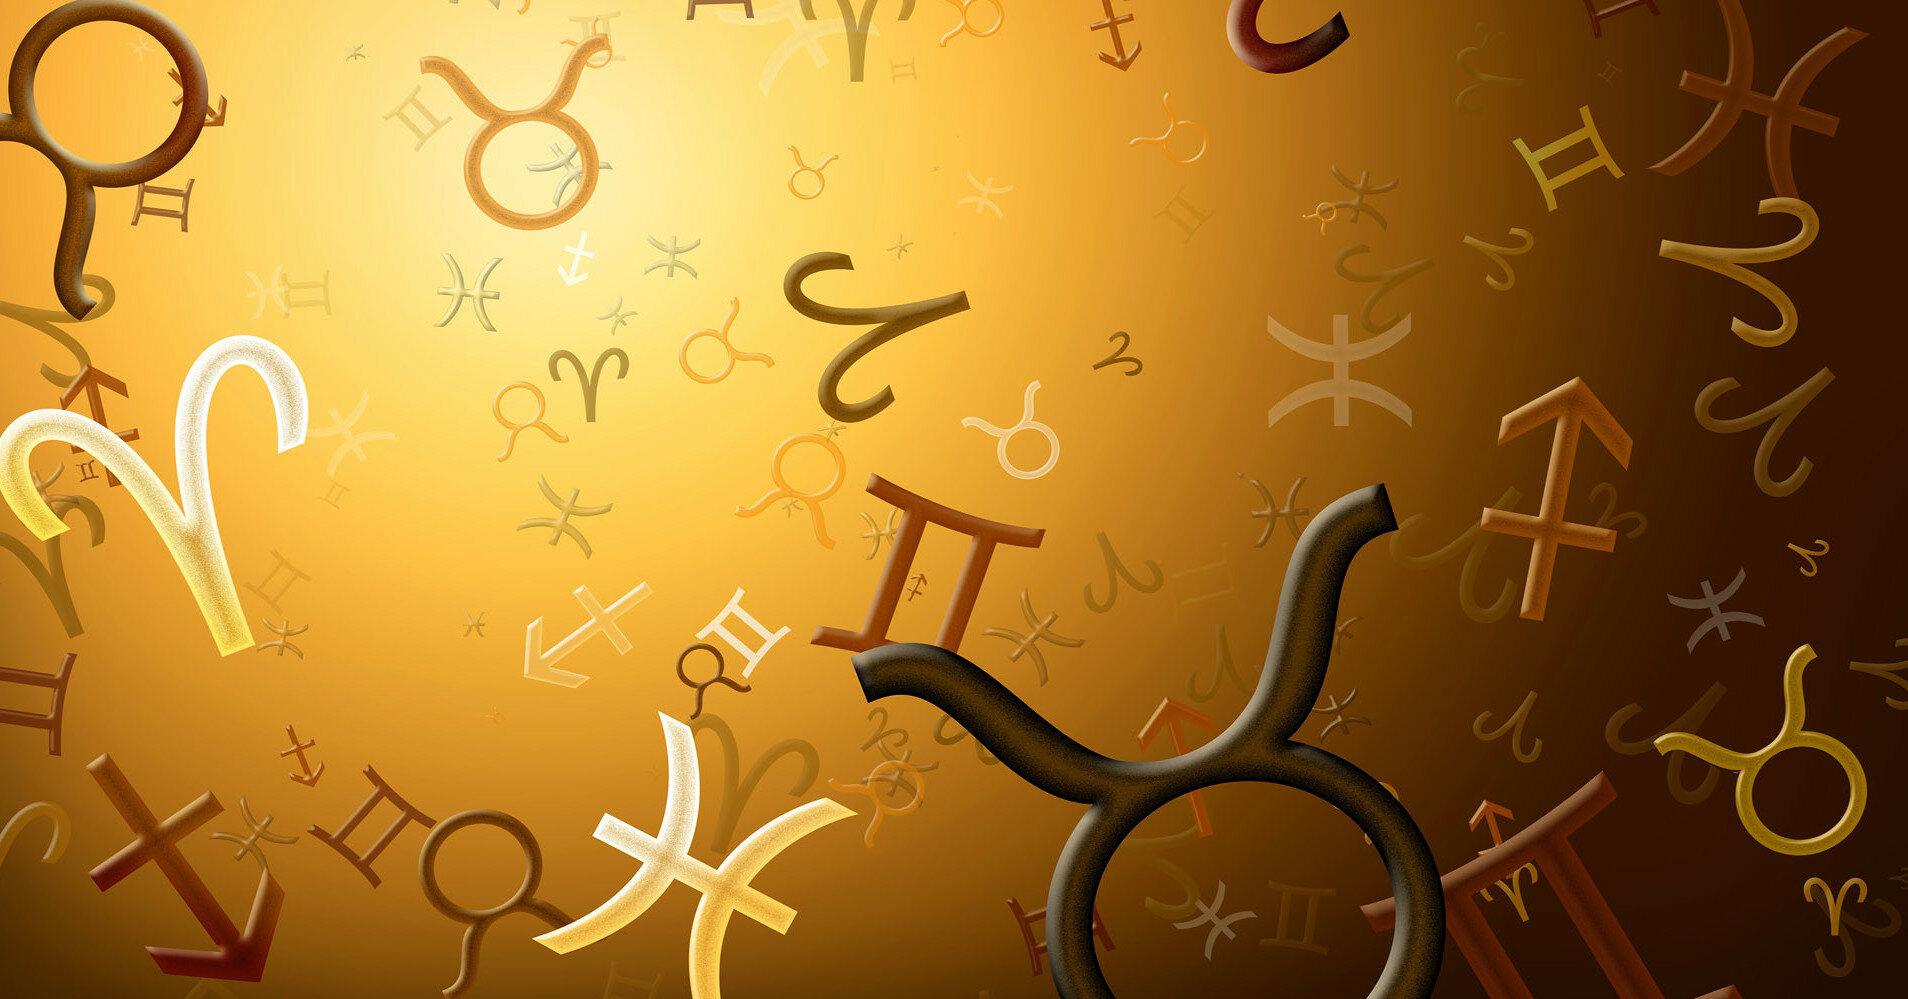 Скорпионам повезет финансово: мужской гороскоп на 11 июня